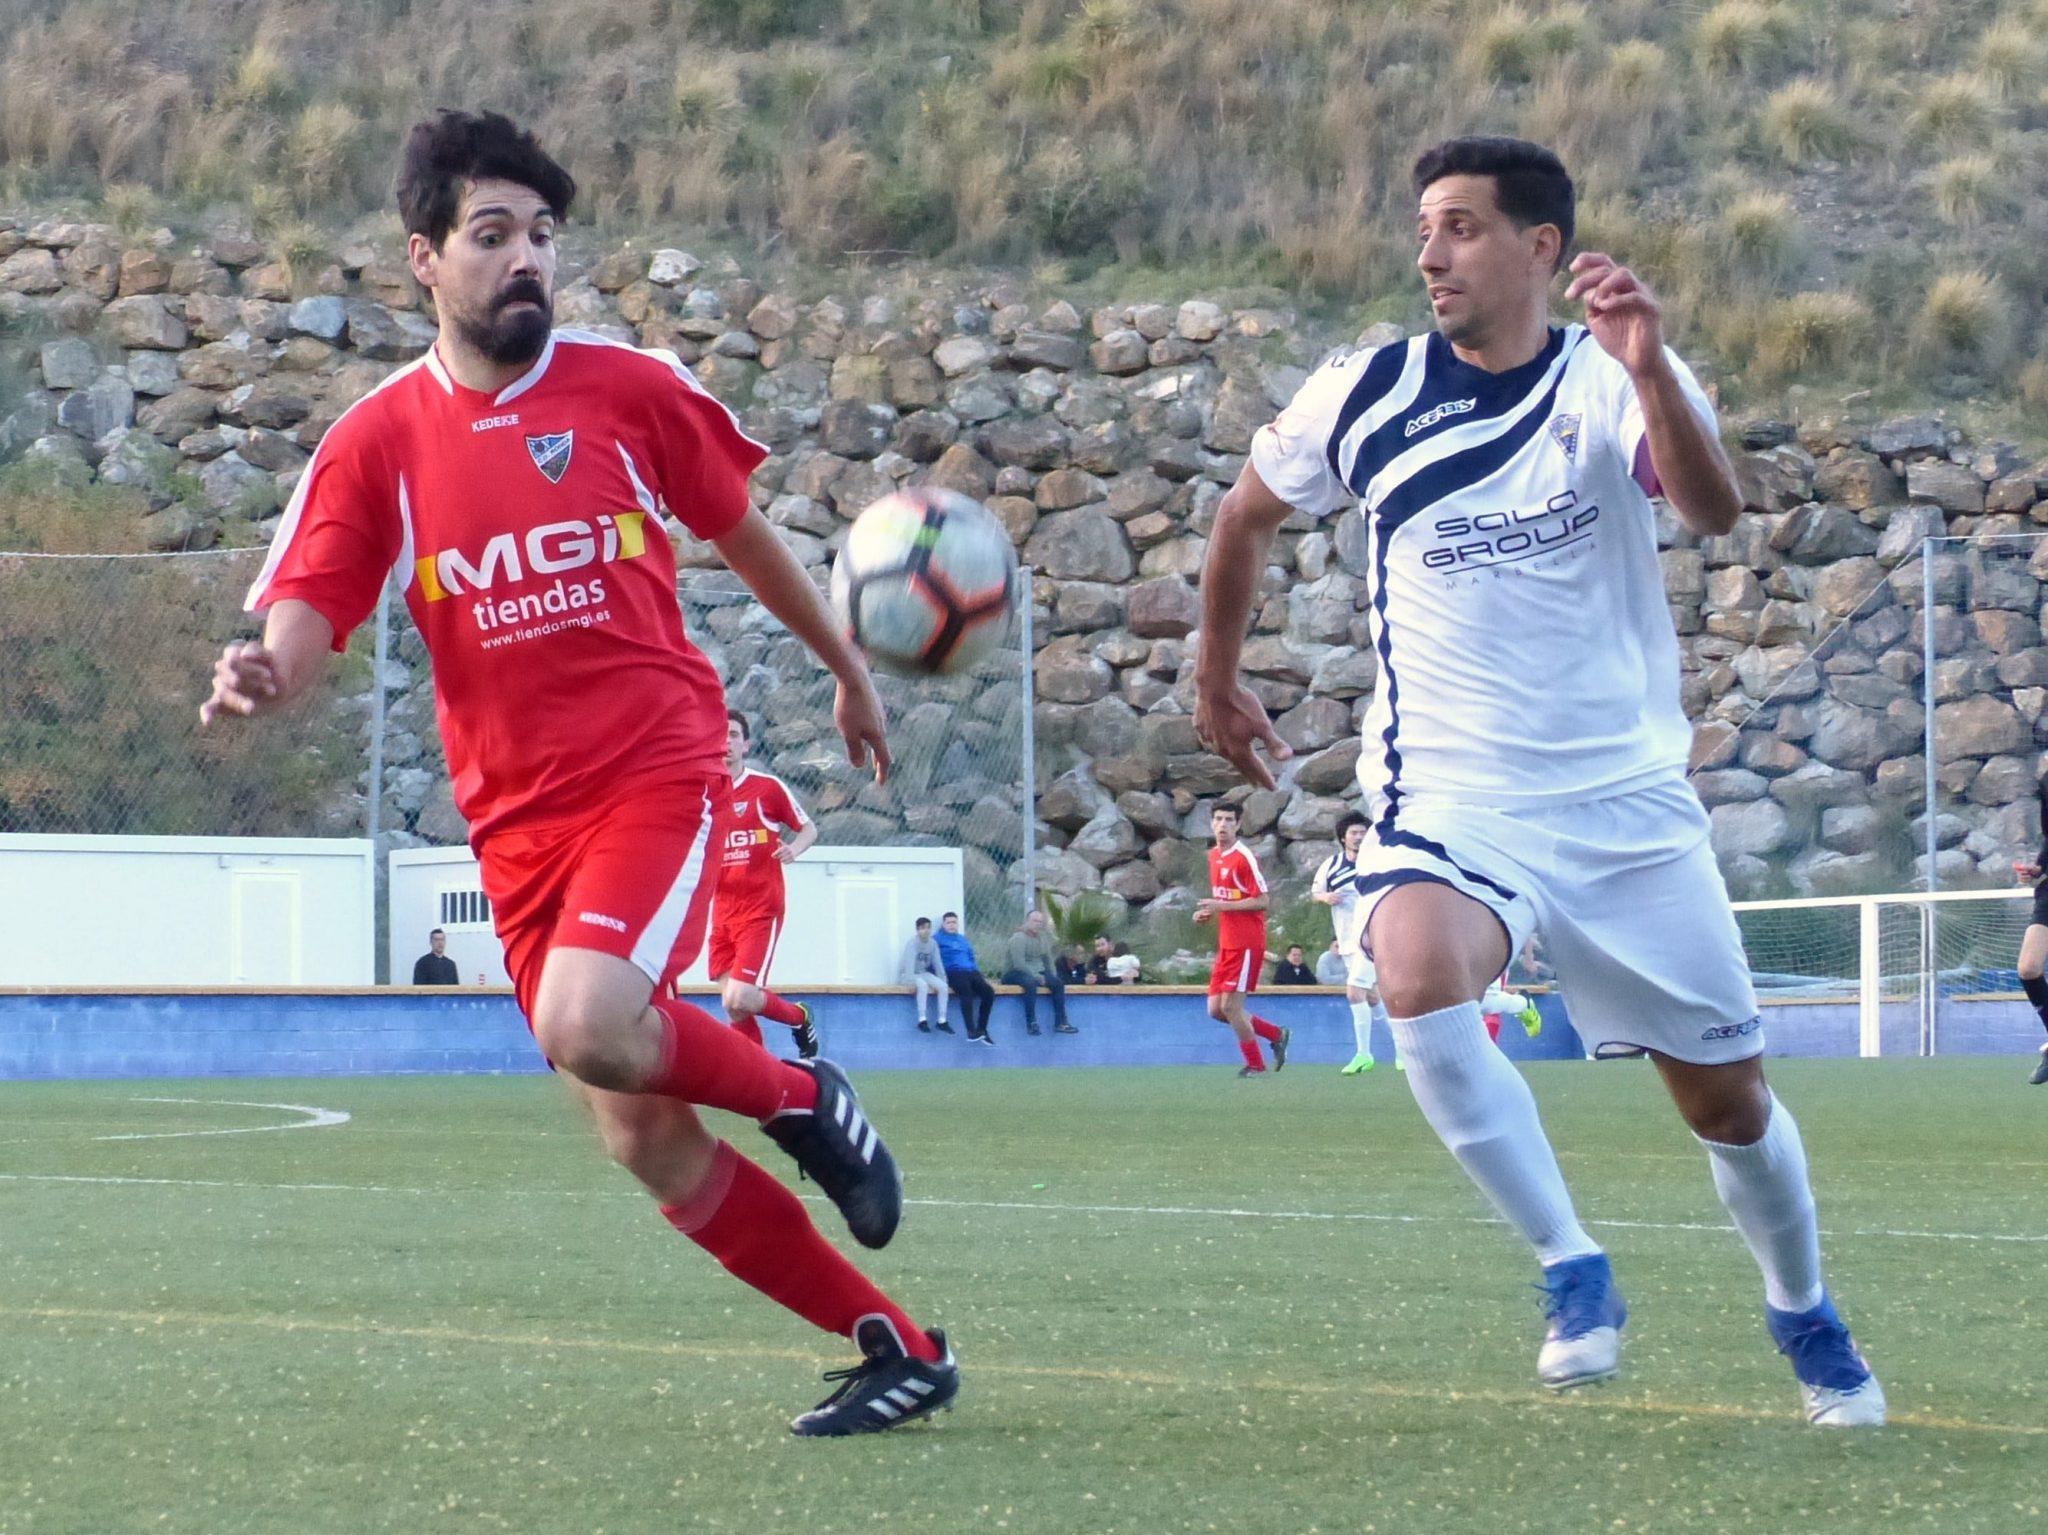 El Atlético Marbella cae ante el C.D. Ronda (1-2) y complica su permanencia en la categoría